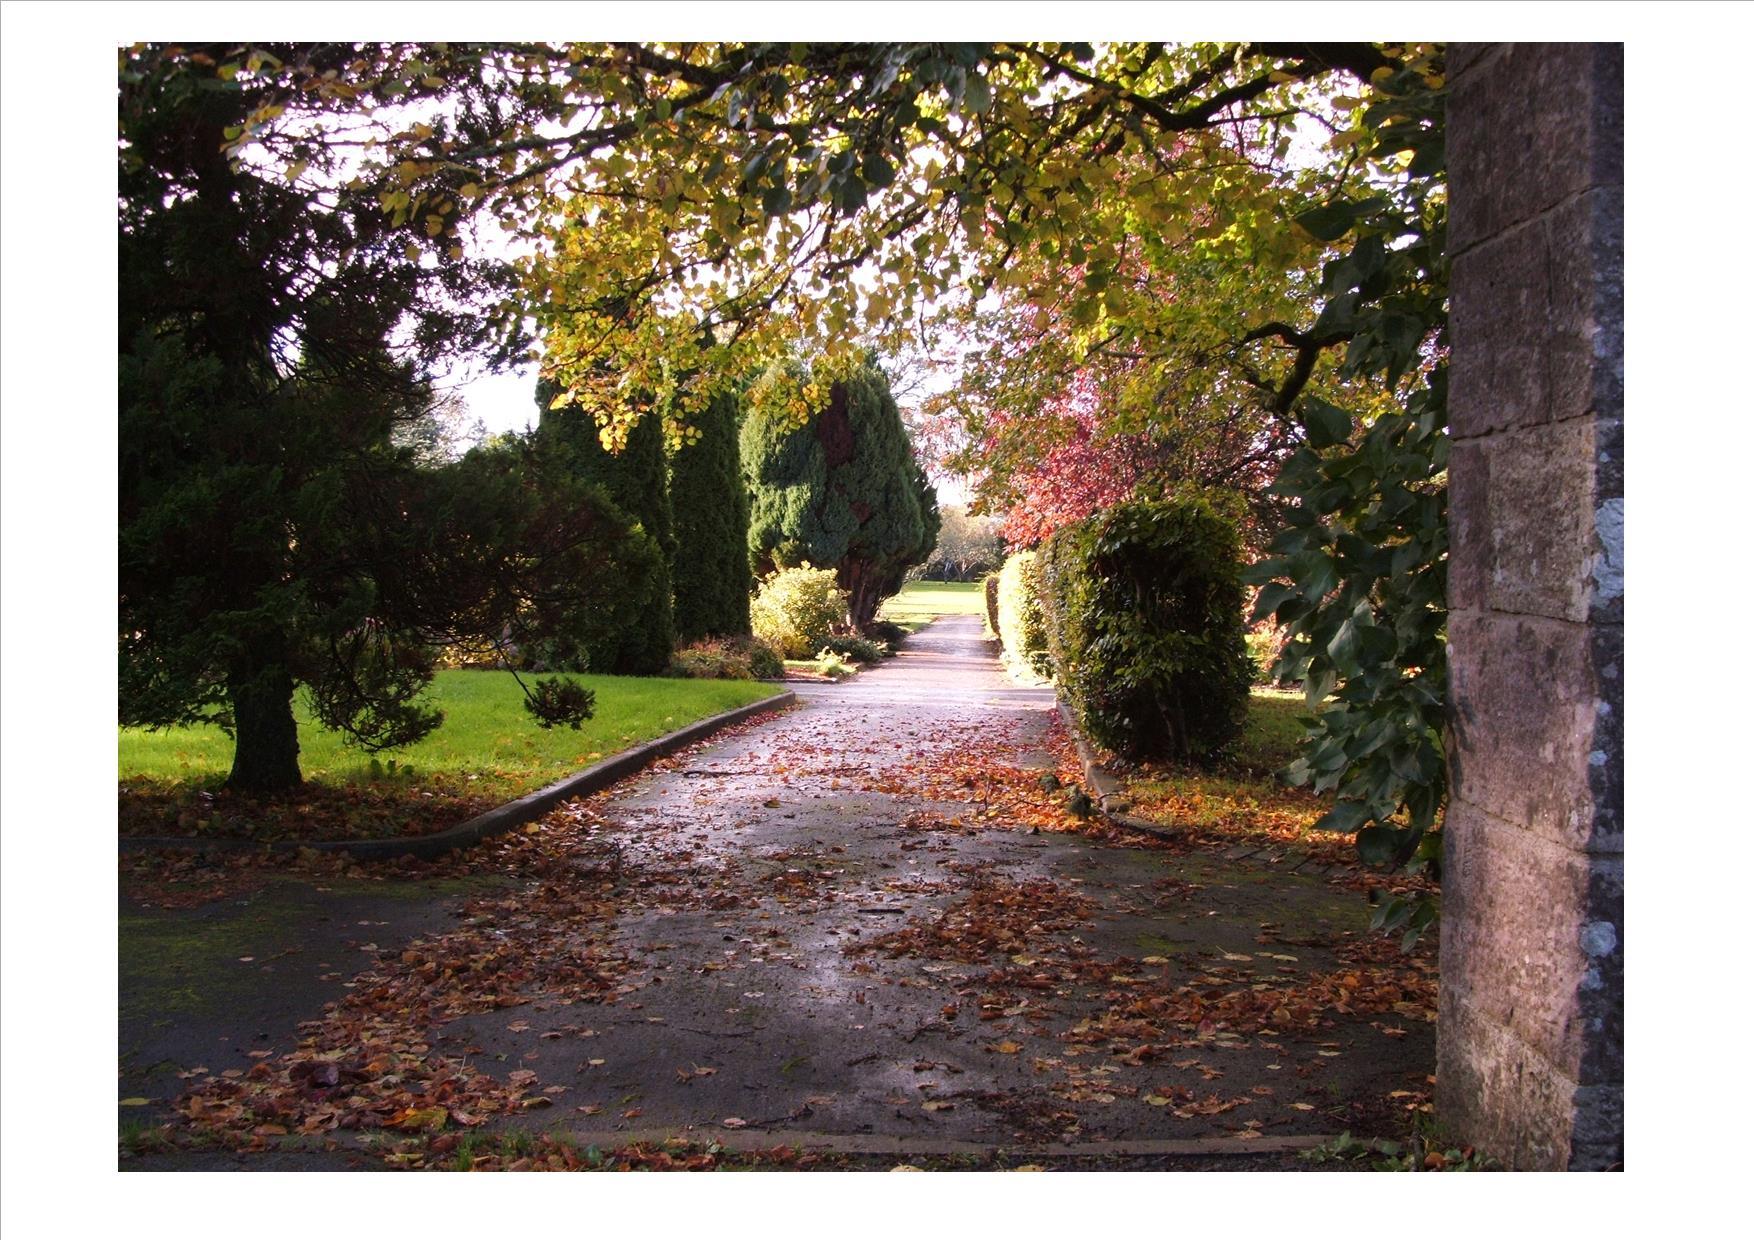 Garden walk from gate autumn 2013 jpeg.jpg